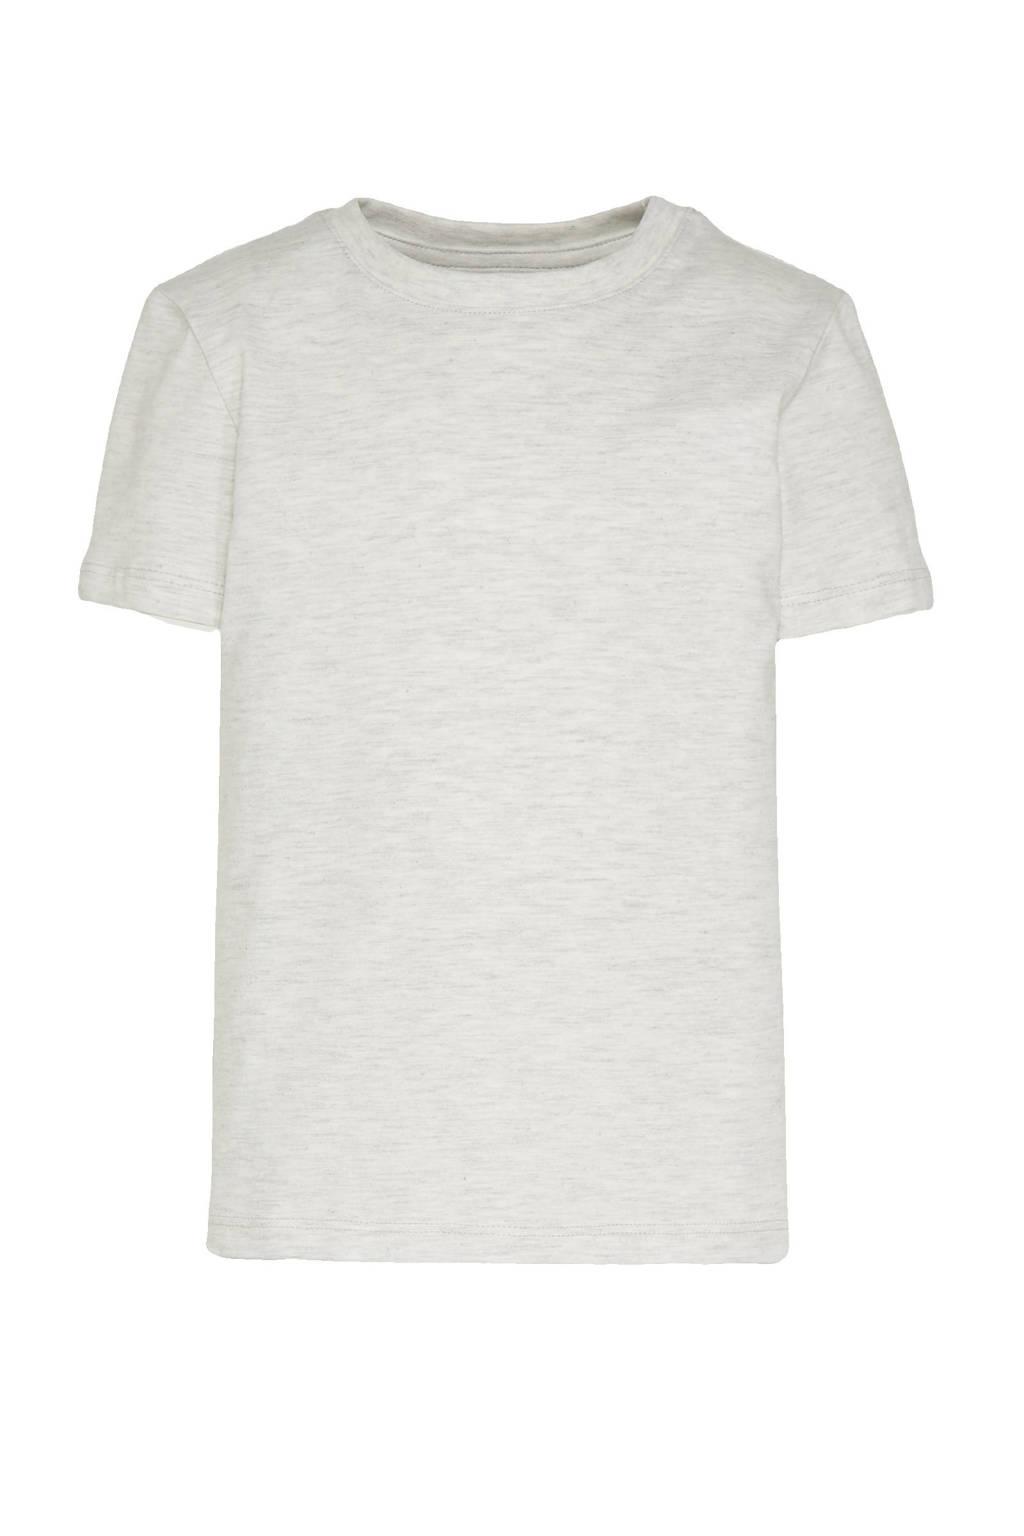 C&A Tough Team T-shirt - set van 3 blauw/zwart/lichtgrijs melange, Donkerblauw/blauw/lichtgrijs melange